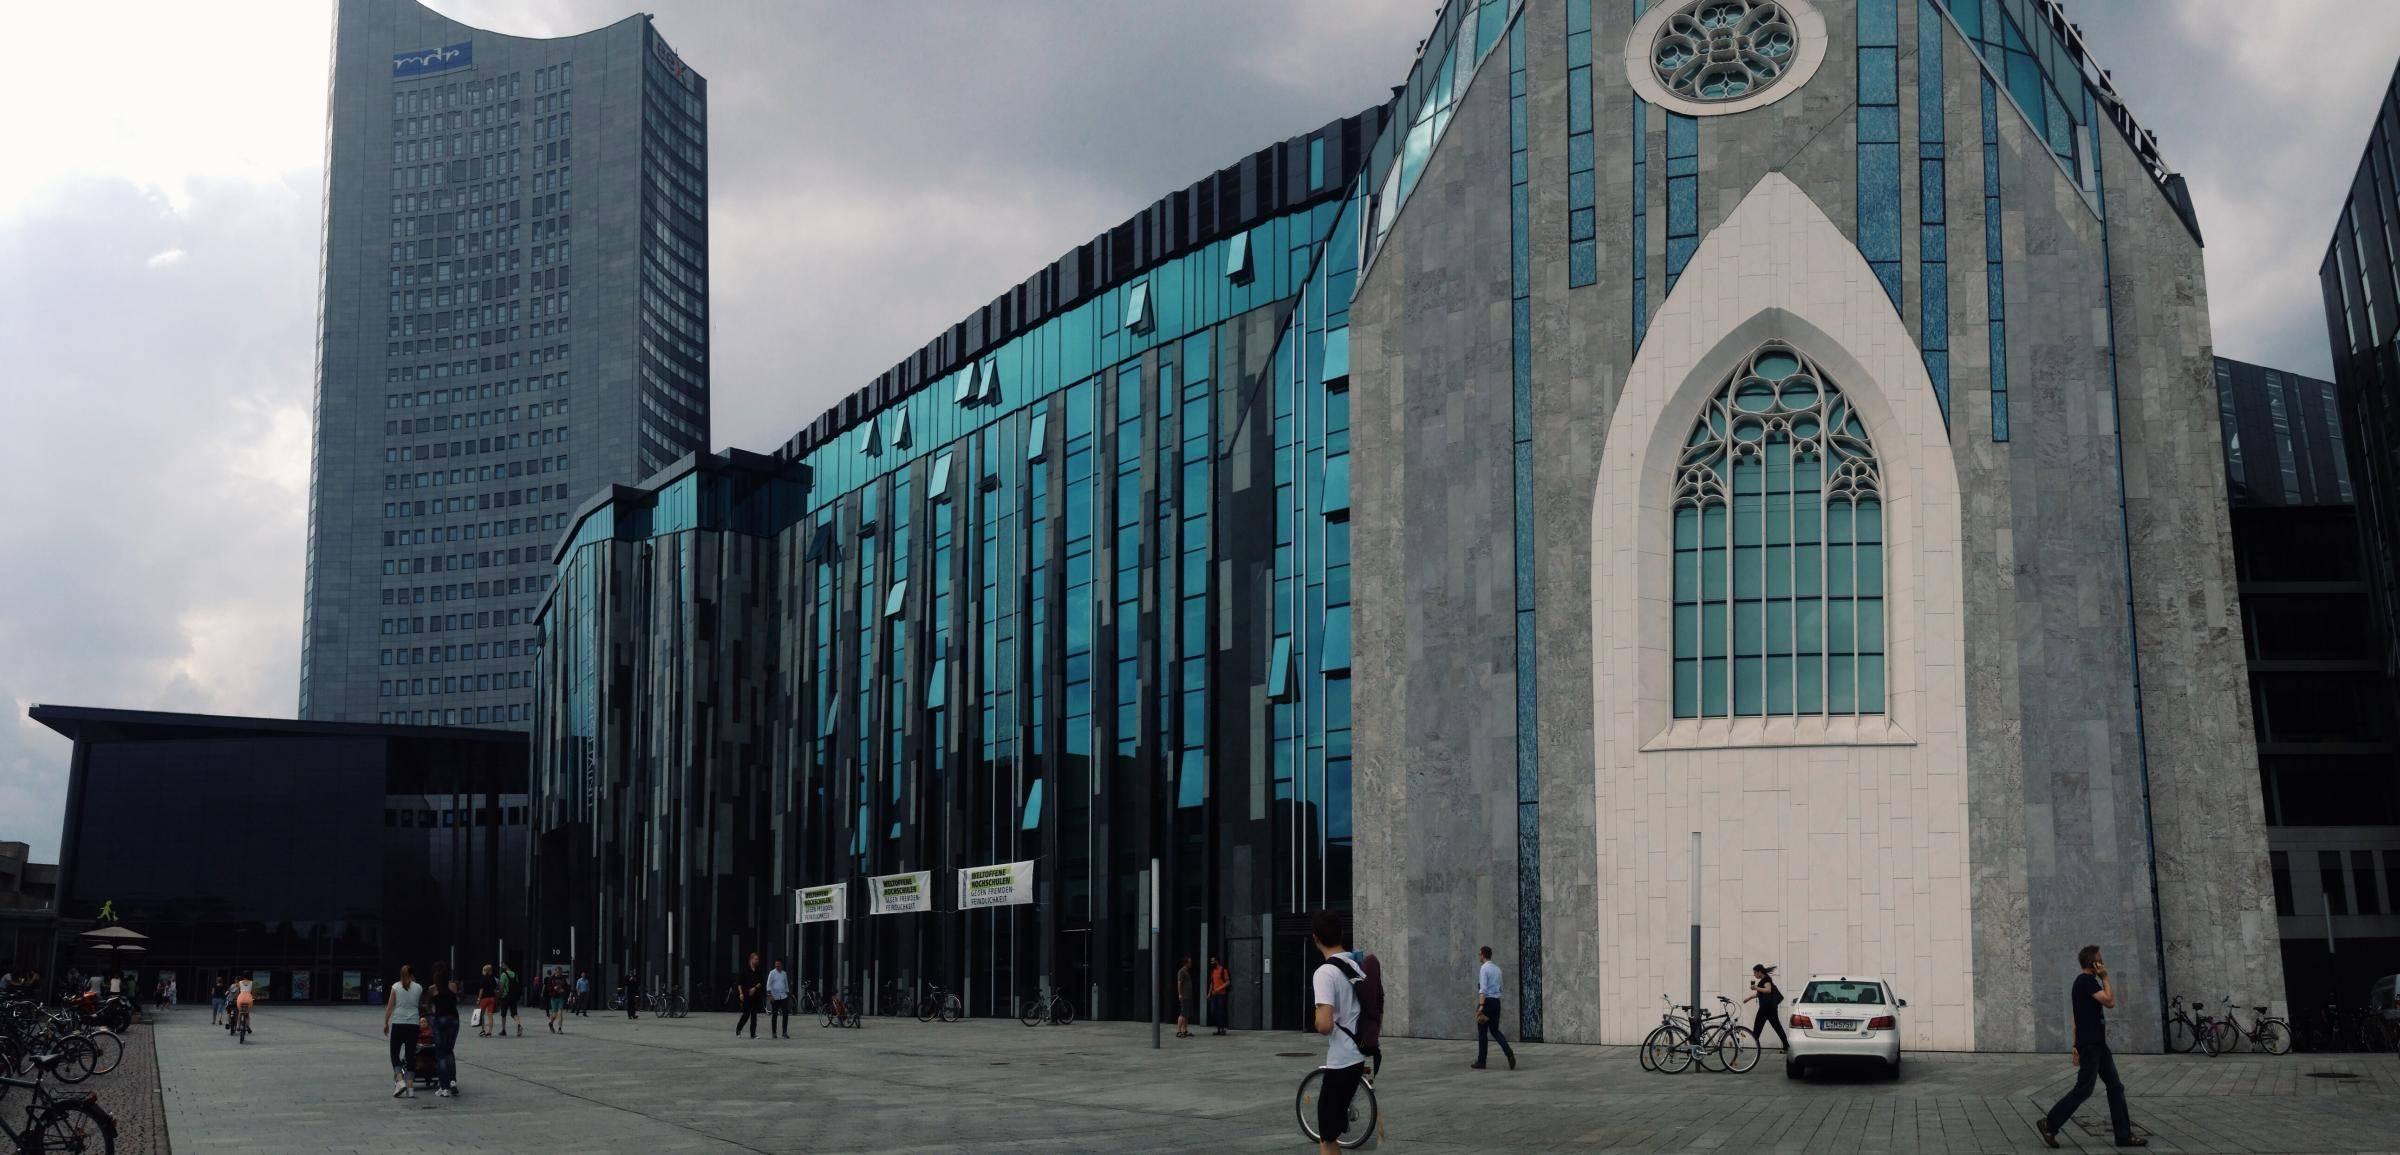 Лейпцигский университет техники, экономики и культуры | hochschule für technik, wirtschaft und kultur leipzig